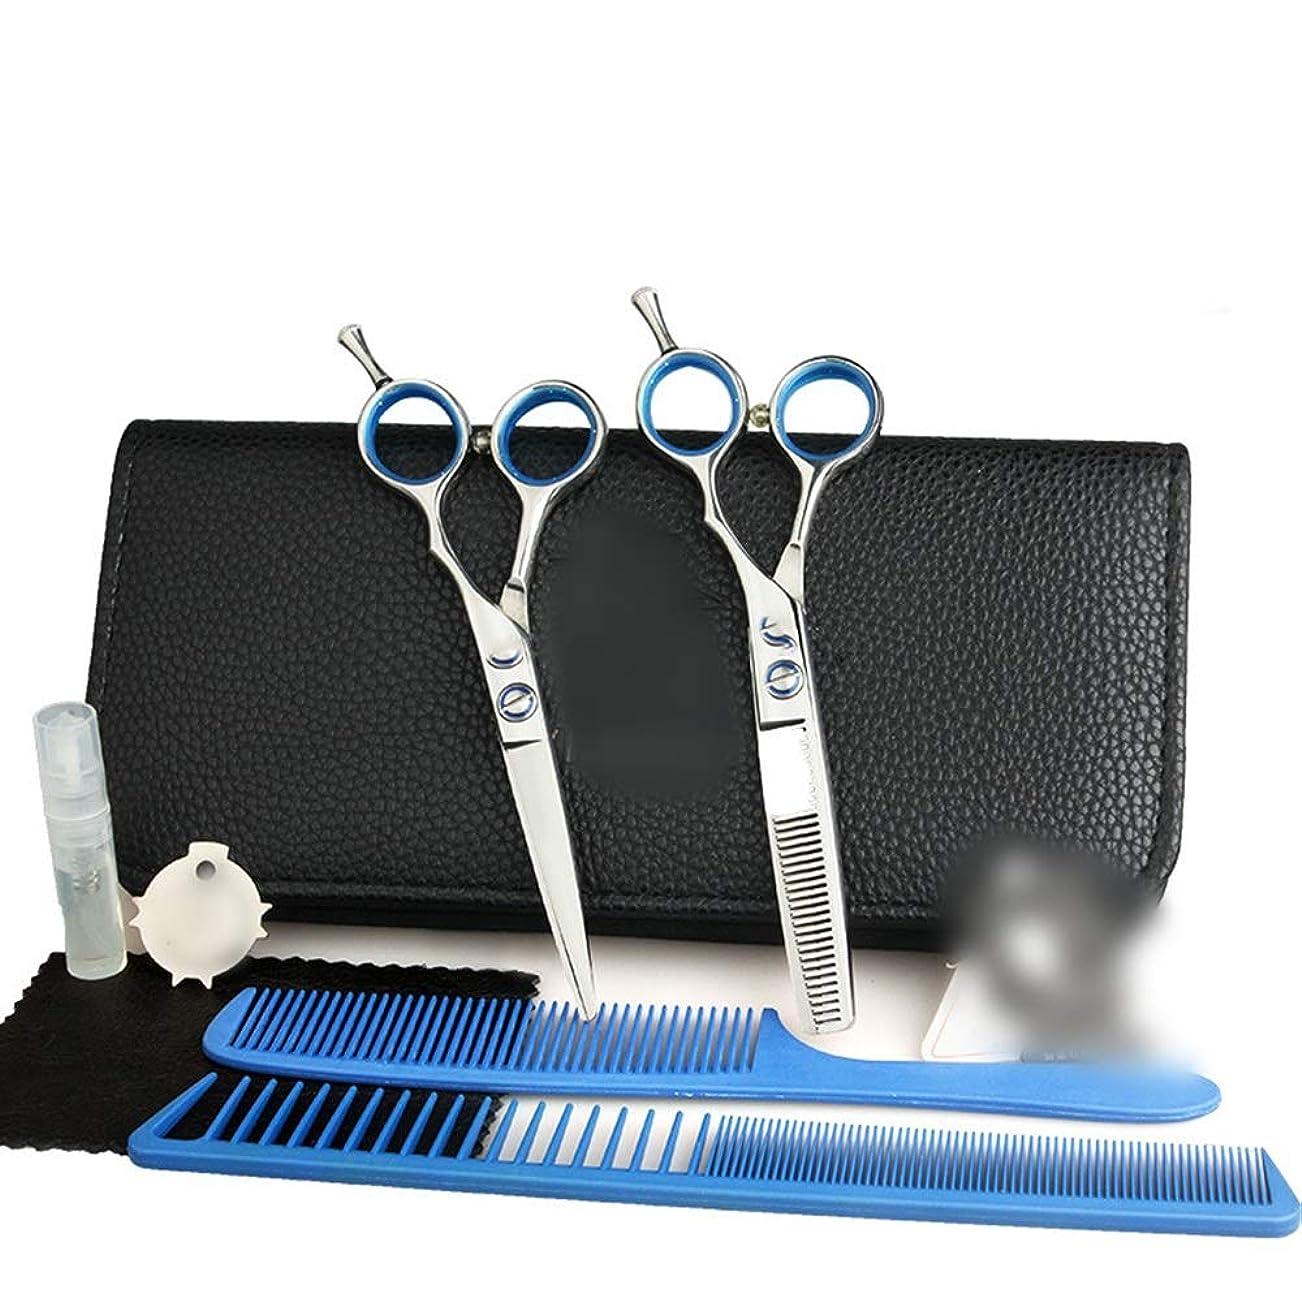 スタイル遺跡やりすぎGoodsok-jp 5.5インチ理髪はさみセット、平らな歯のはさみ理髪はさみセット (色 : Silver)